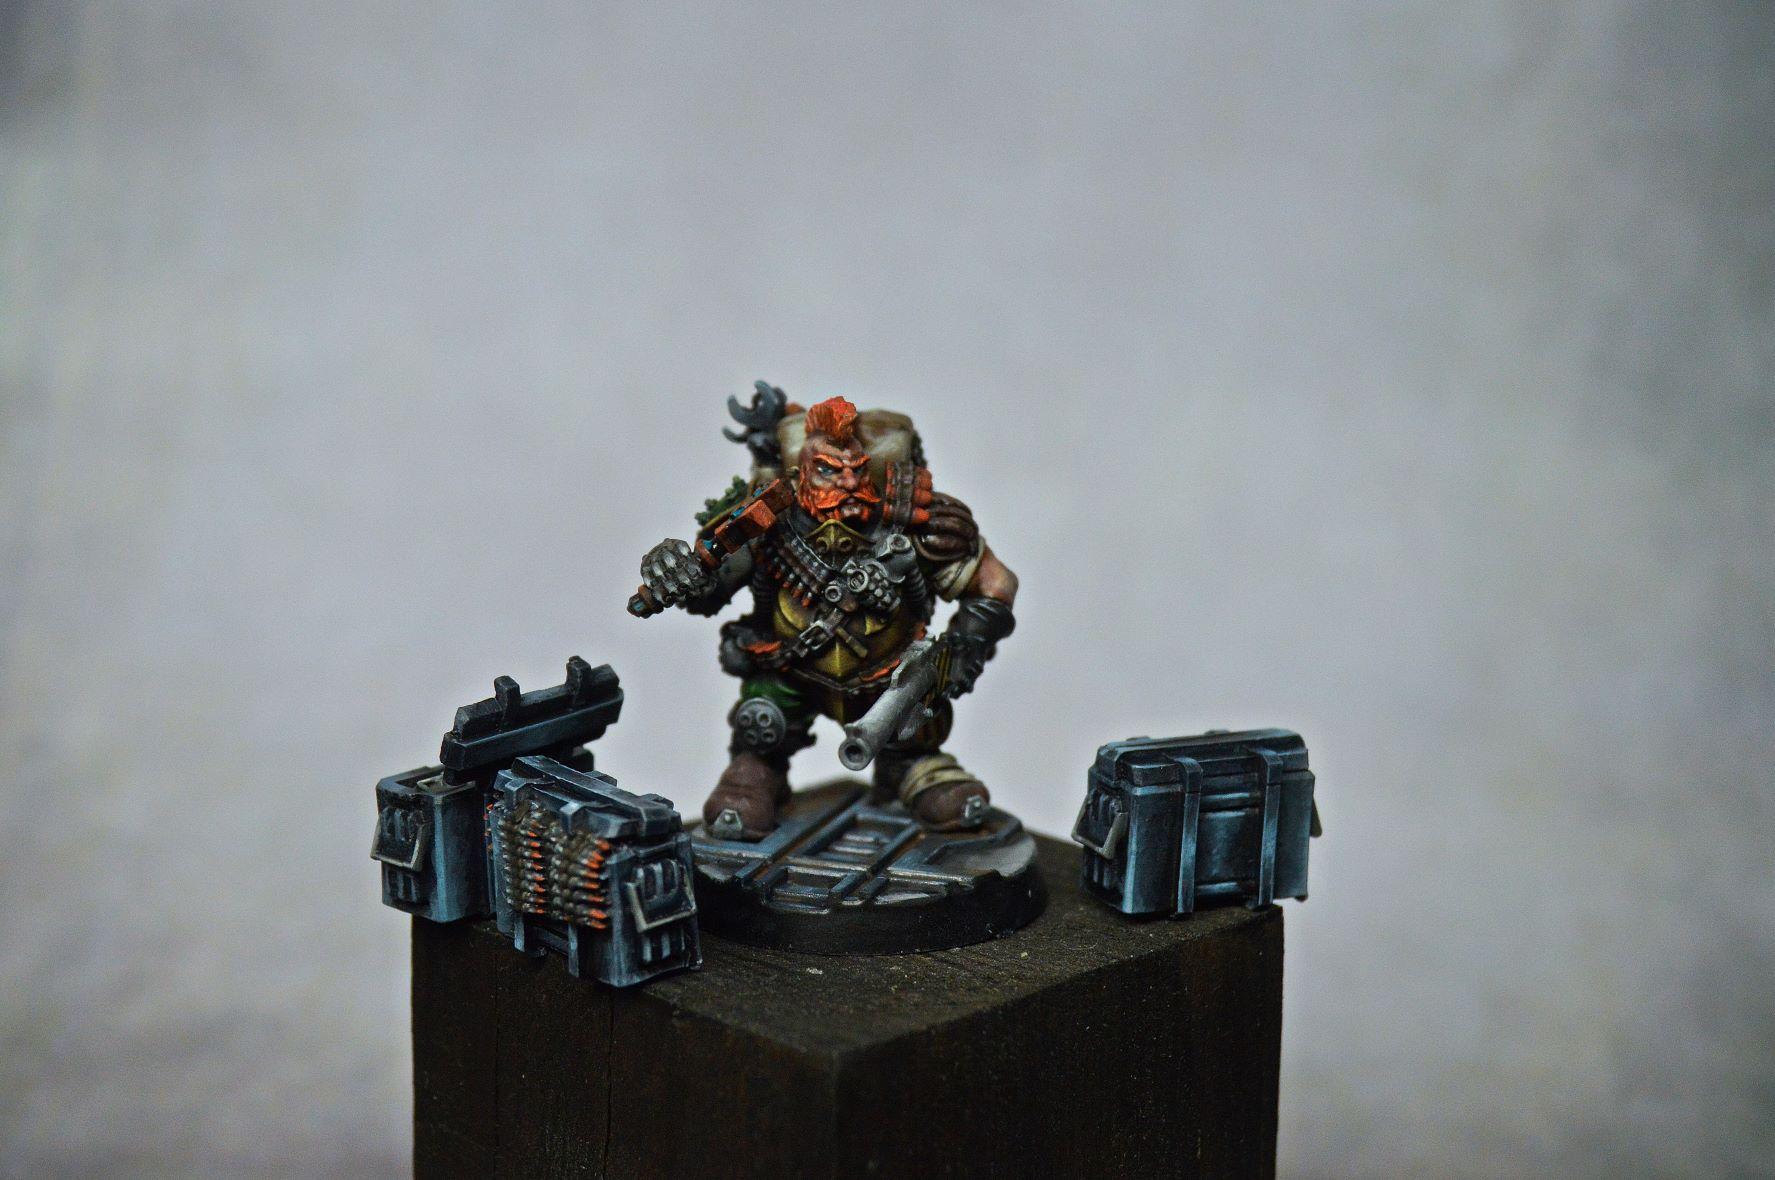 Ragnir Gunnstein, Squat Ammo-jack